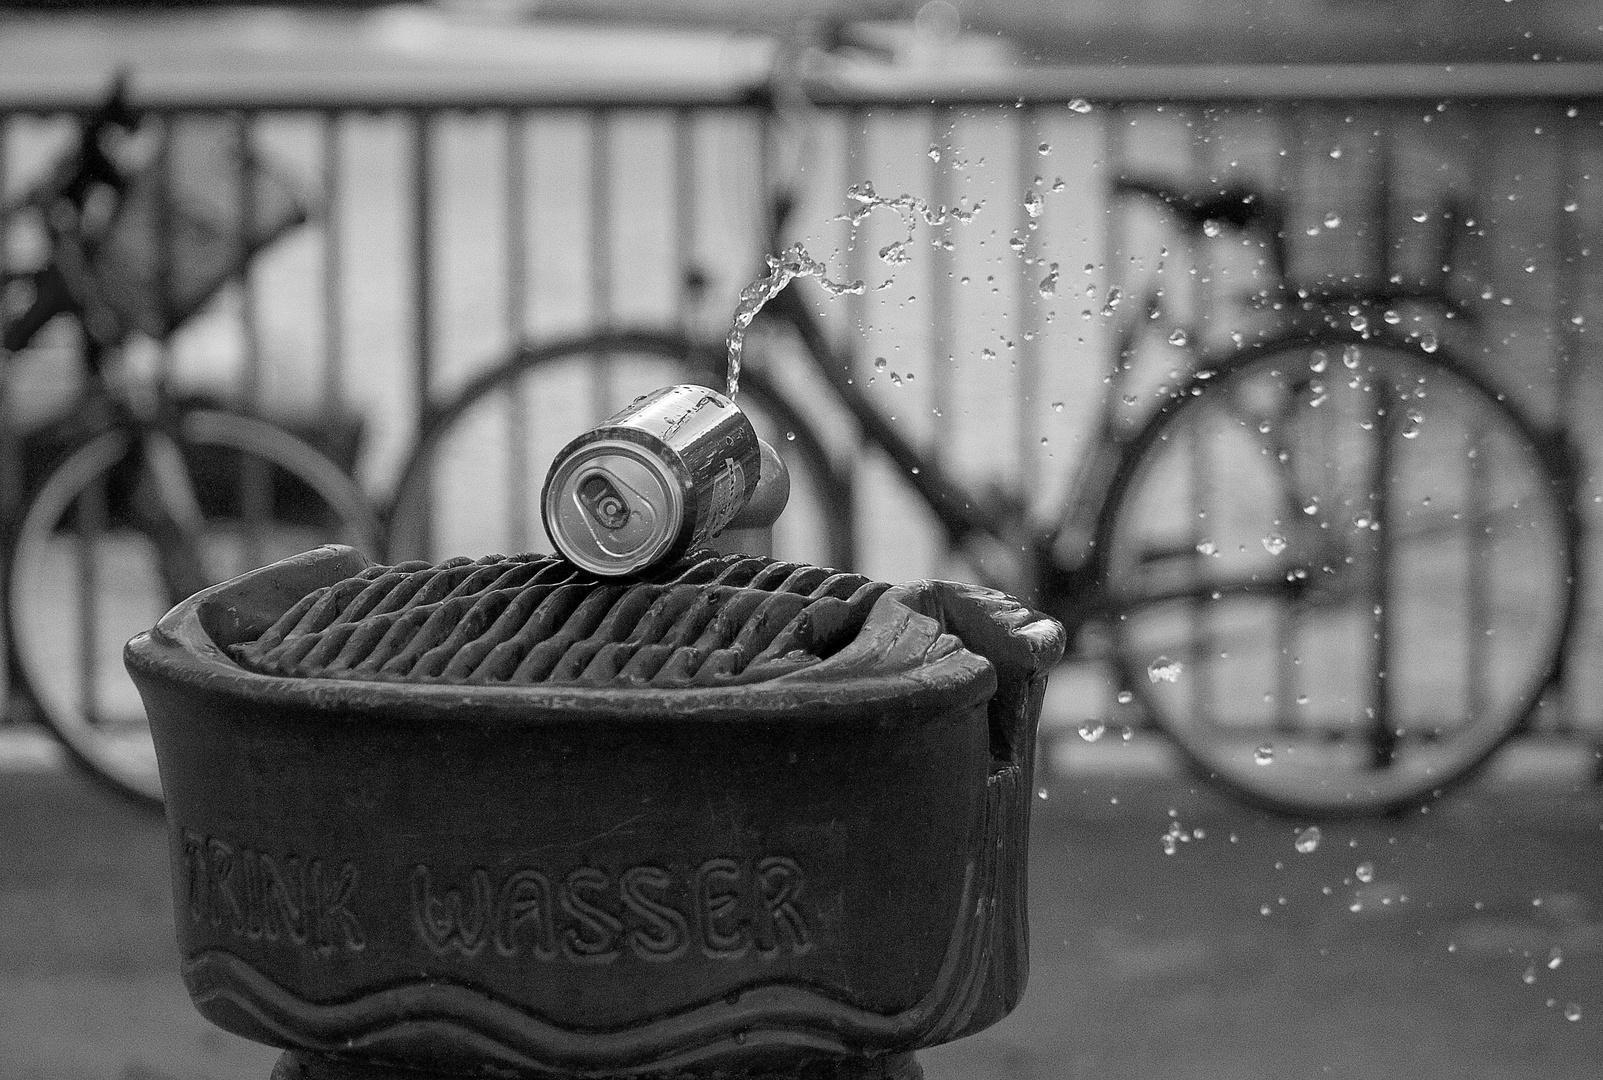 Bierdose und Wasser